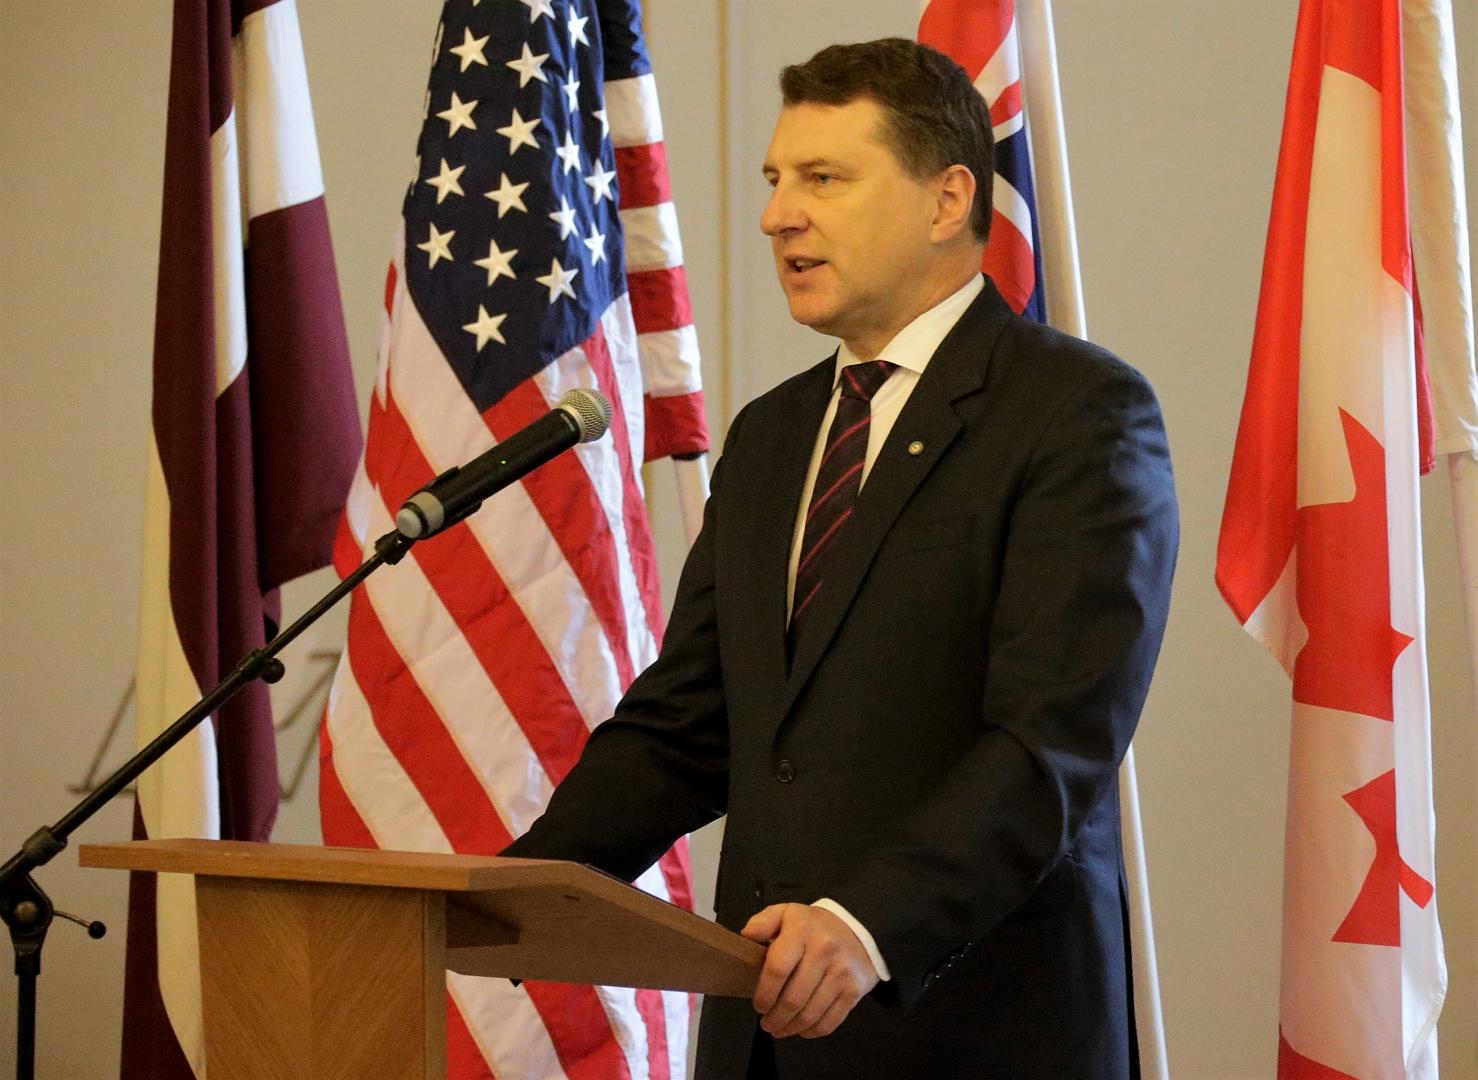 Uzruna latviešu skautisma simtgades svinībās. Autors: Toms Kalniņš, Latvijas Valsts prezidenta kanceleja